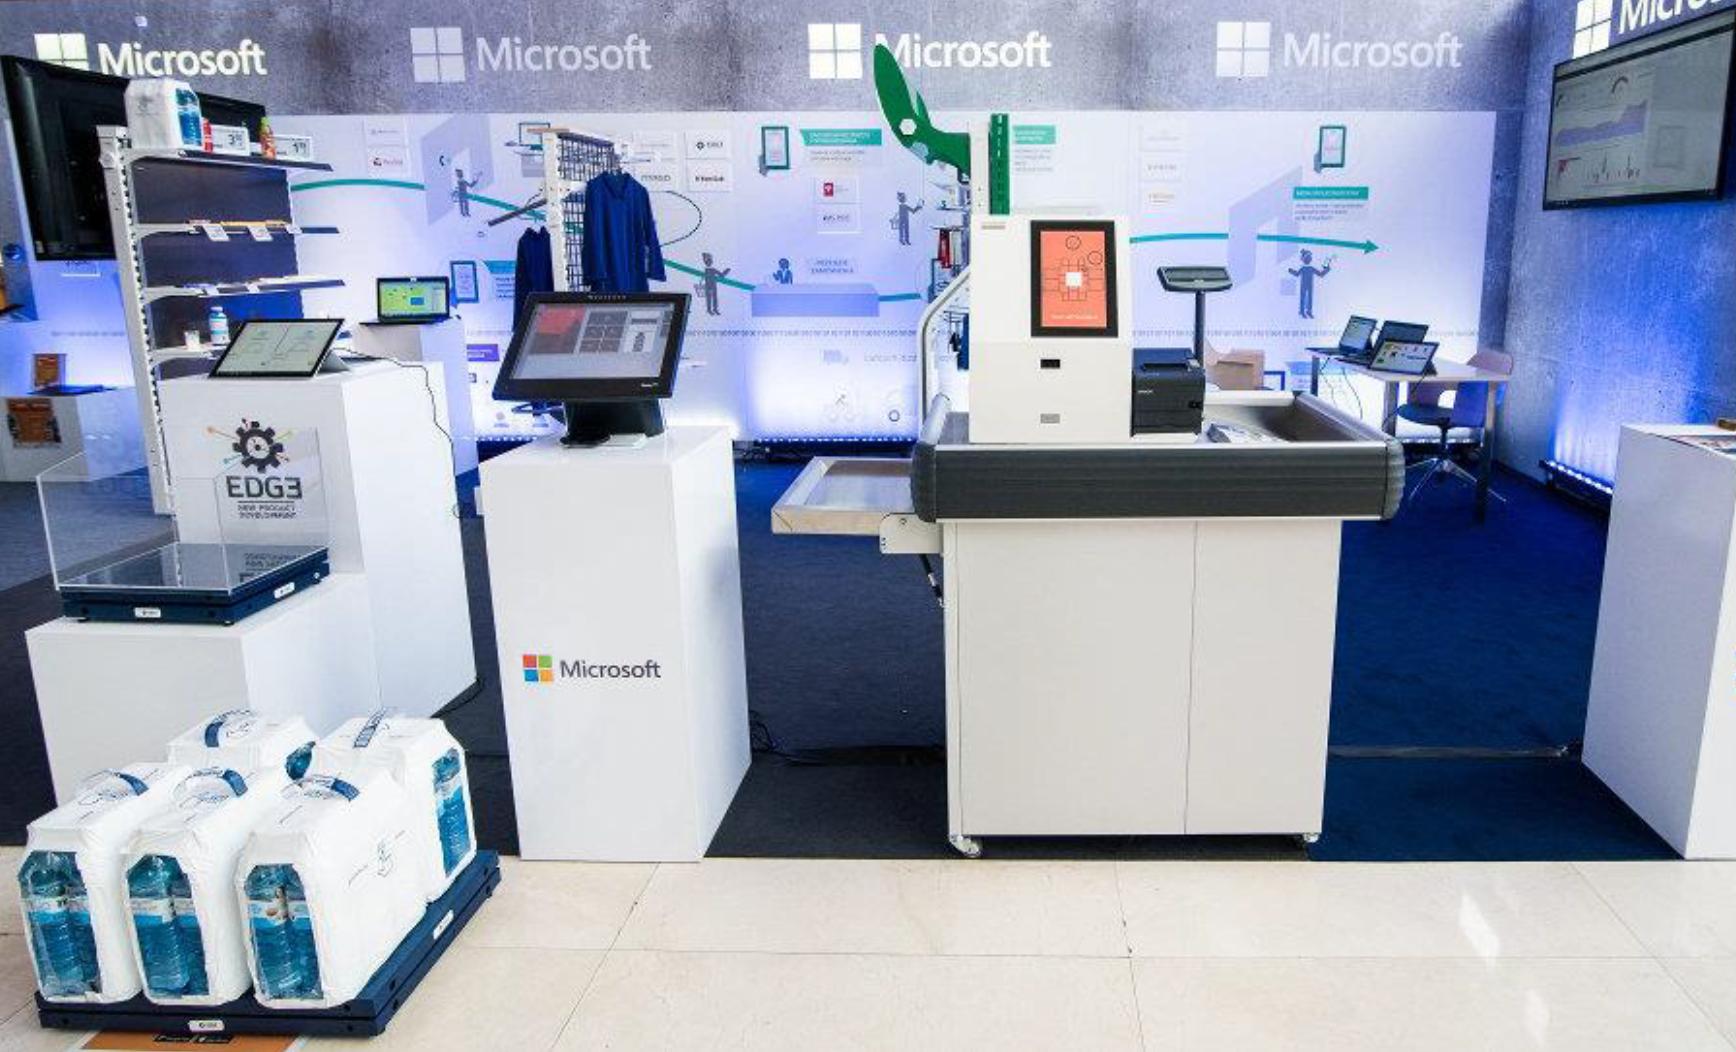 Microsoft România democratizează inteligența artificială în cadrul AI Day și lărgește orizontul posibilităților pentru furnizorii și utilizatorii de tehnologie din sectorul de afaceri